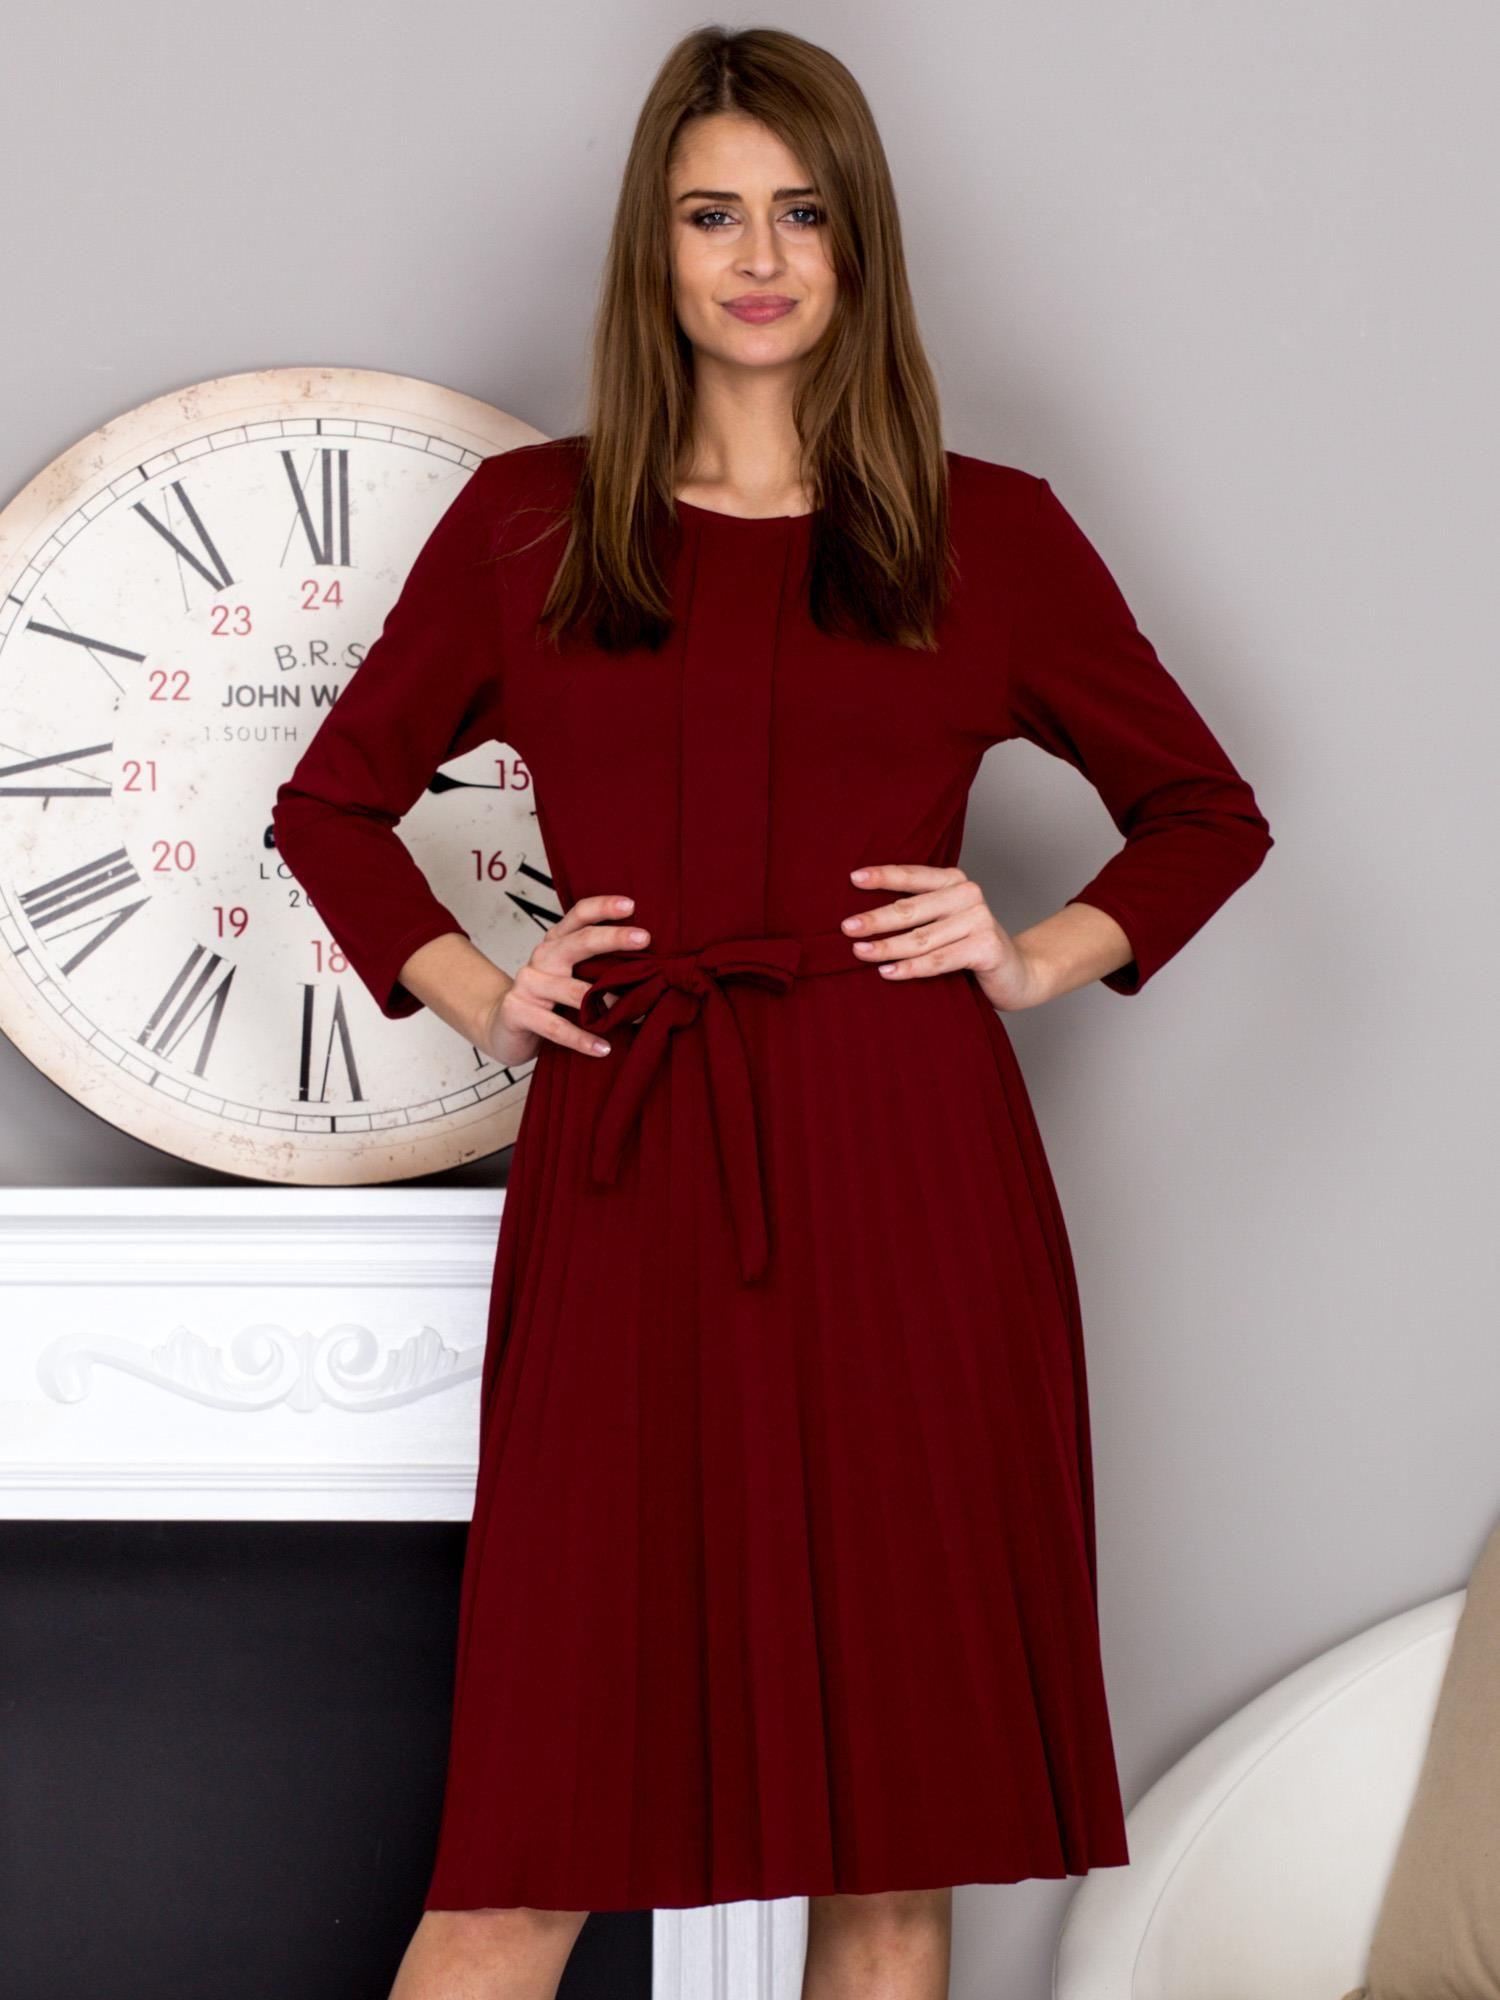 82fb069d5a Bordowa sukienka koktajlowa z kokardą i plisowanym dołem - Sukienka ...